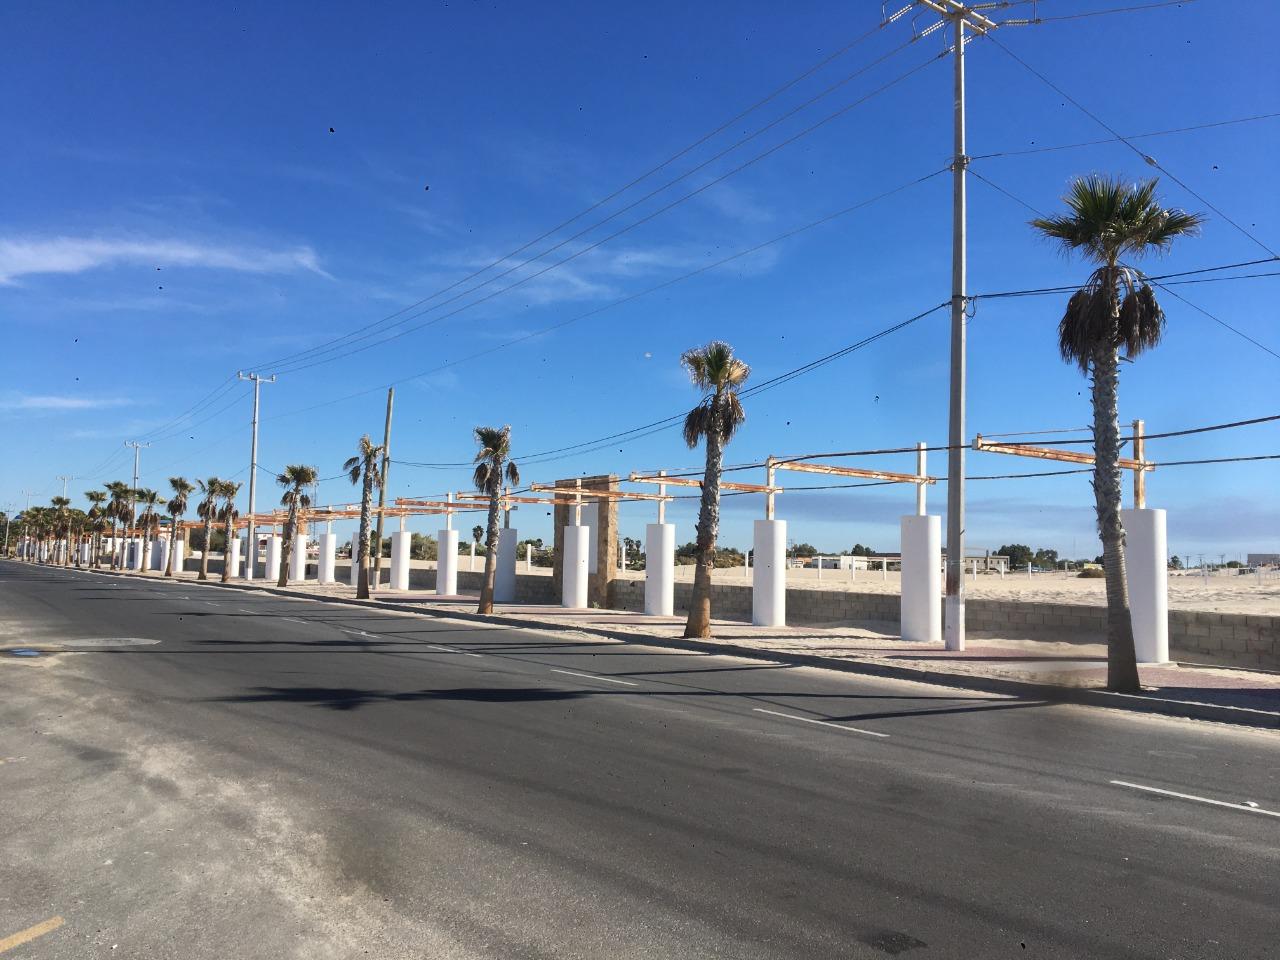 Se están  secando las PALMAS  de la entrada de playa hermosa por falta de AGUA